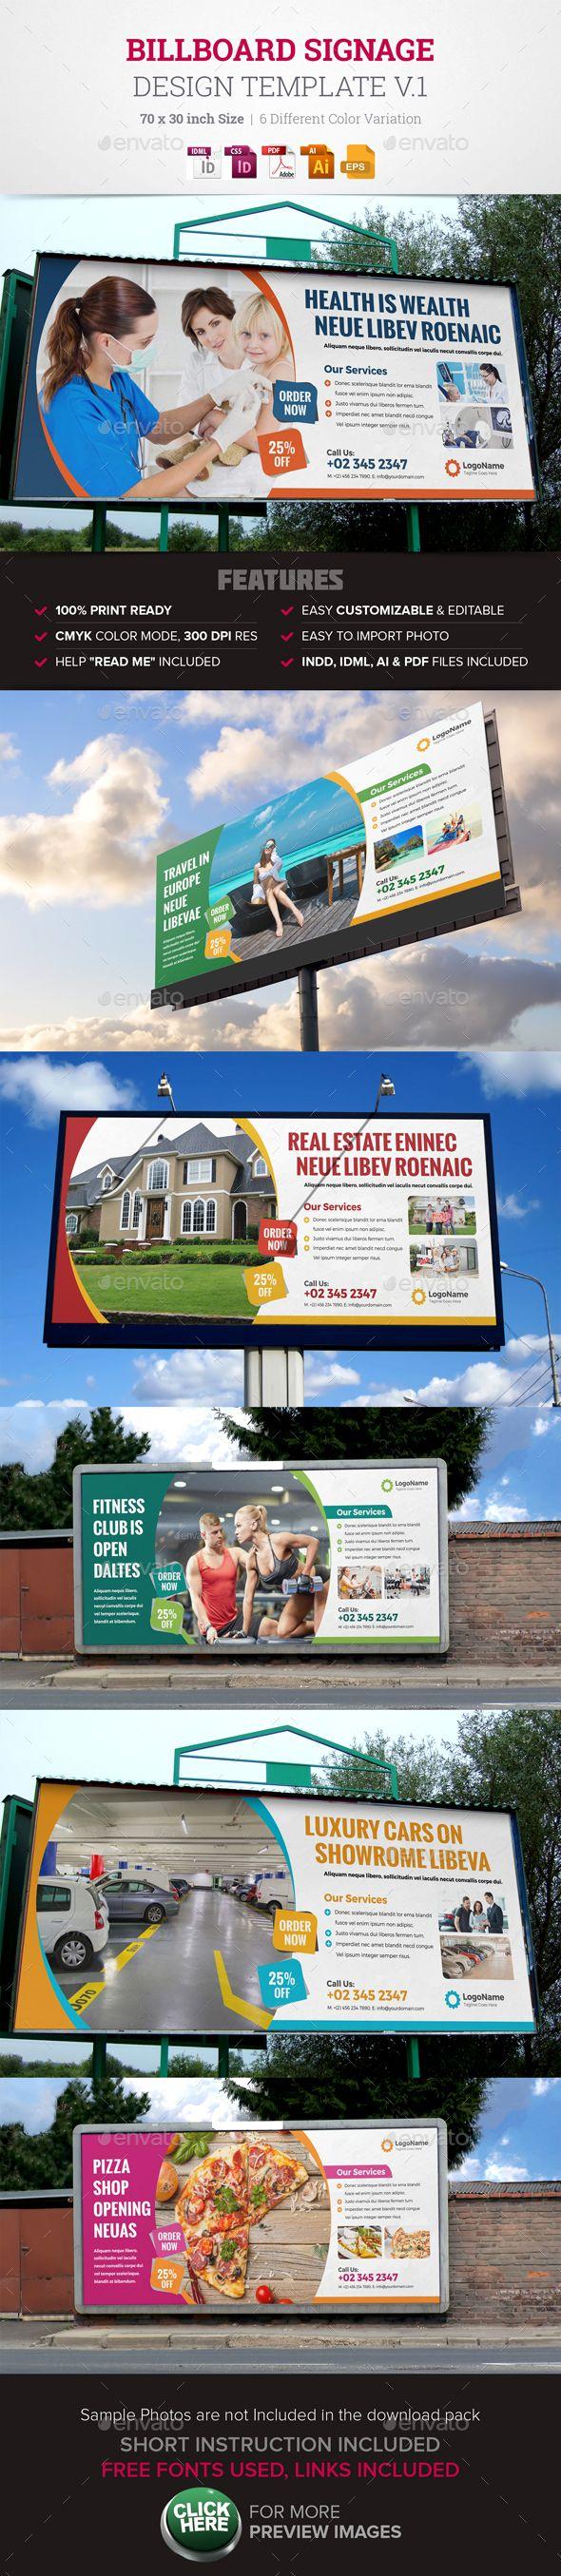 Real estate billboard design samples - Billboard Signage Design V1